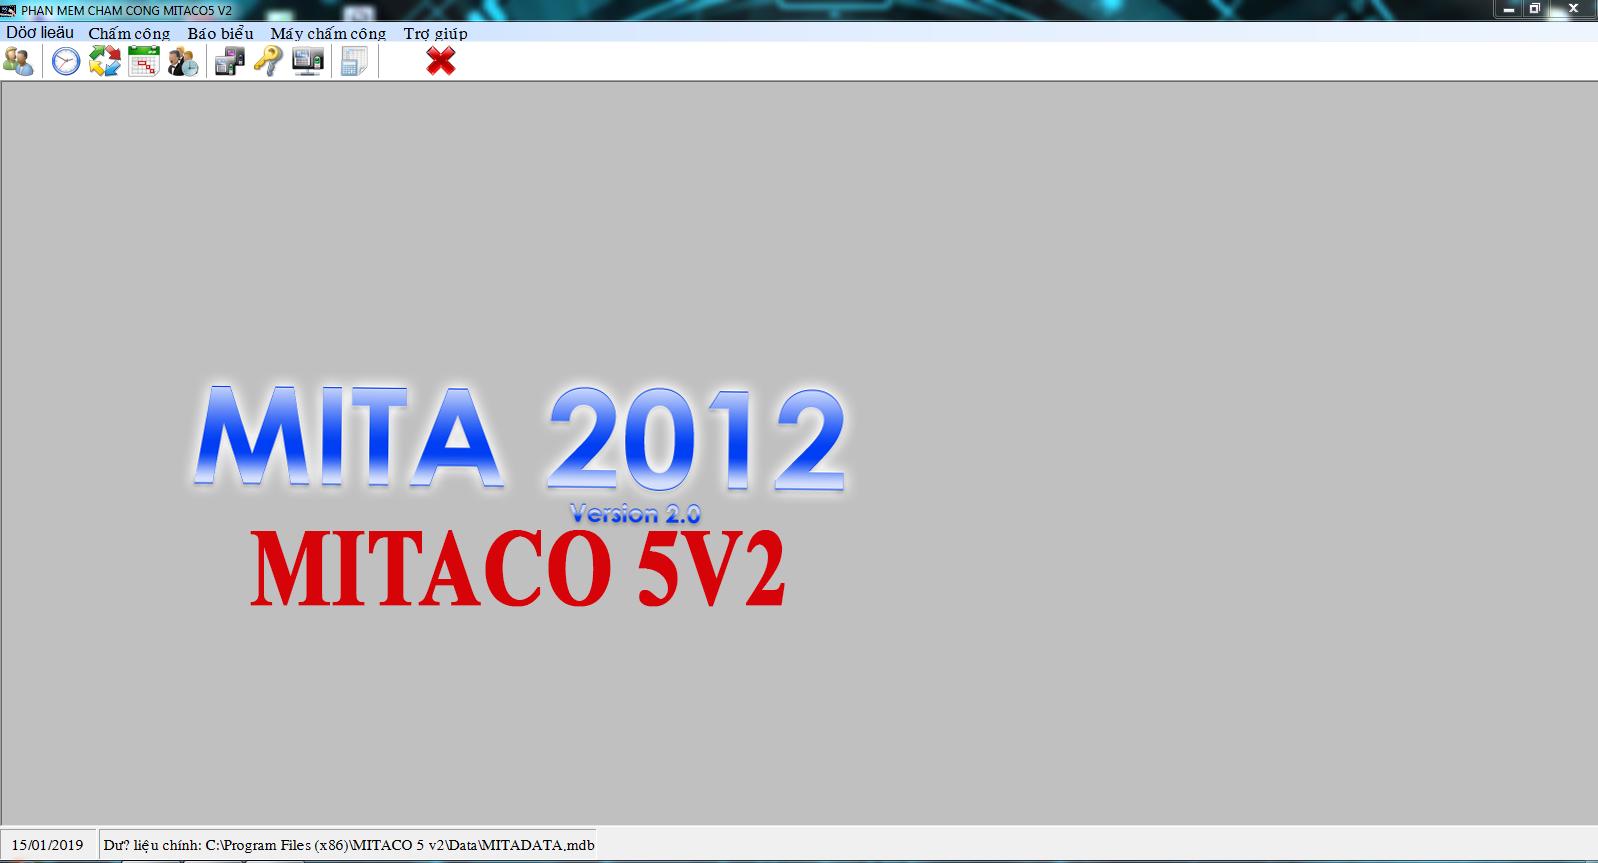 Phần mềm chấm công mitaco 5v2 2012